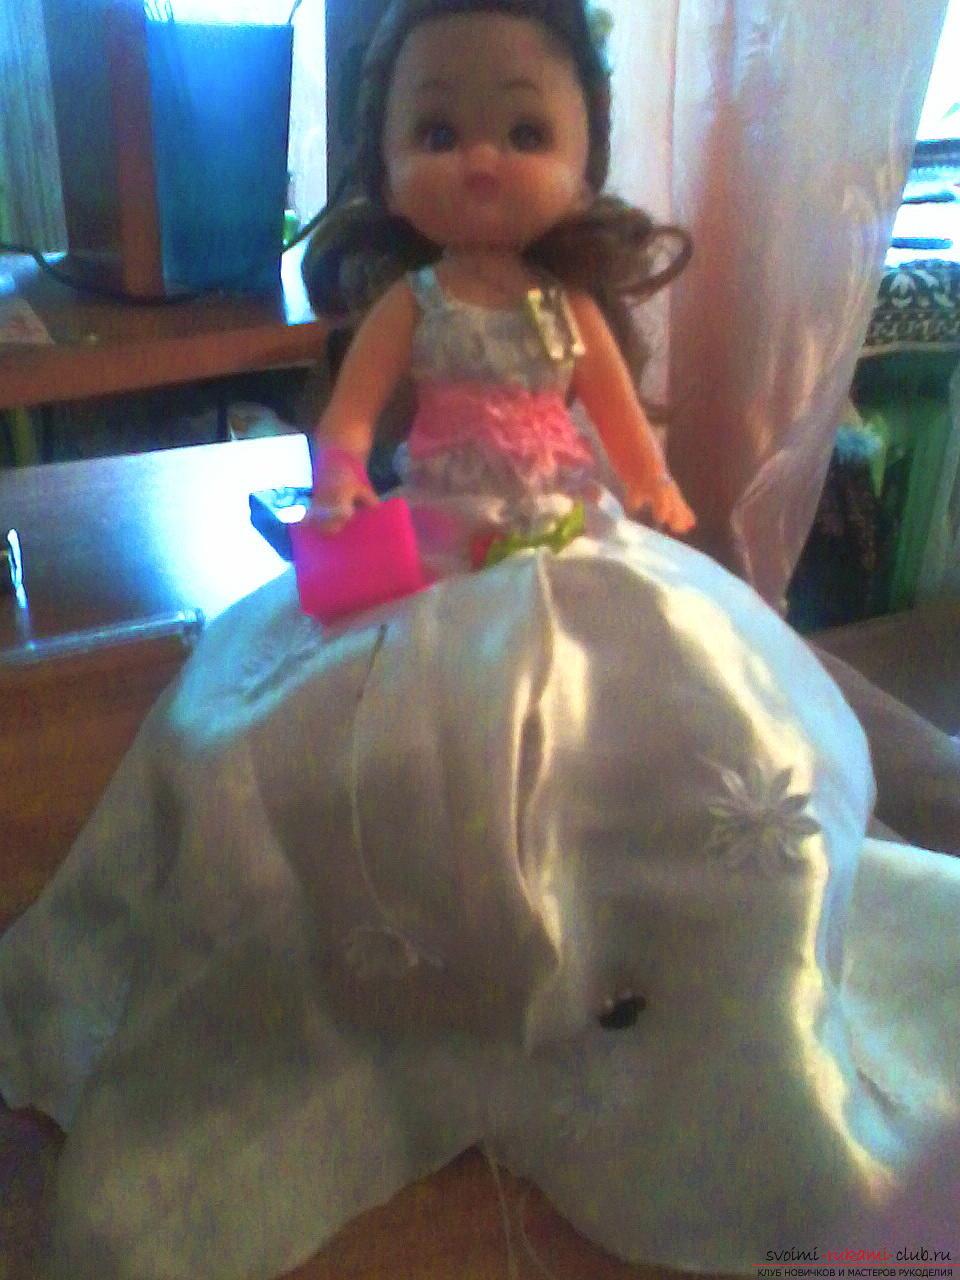 Сделать куклу-шкатулку своими руками легко и просто. Такая кукла может послужить не только игрушкой для ребенка, но и сбережет ваши украшения.. Фото №1